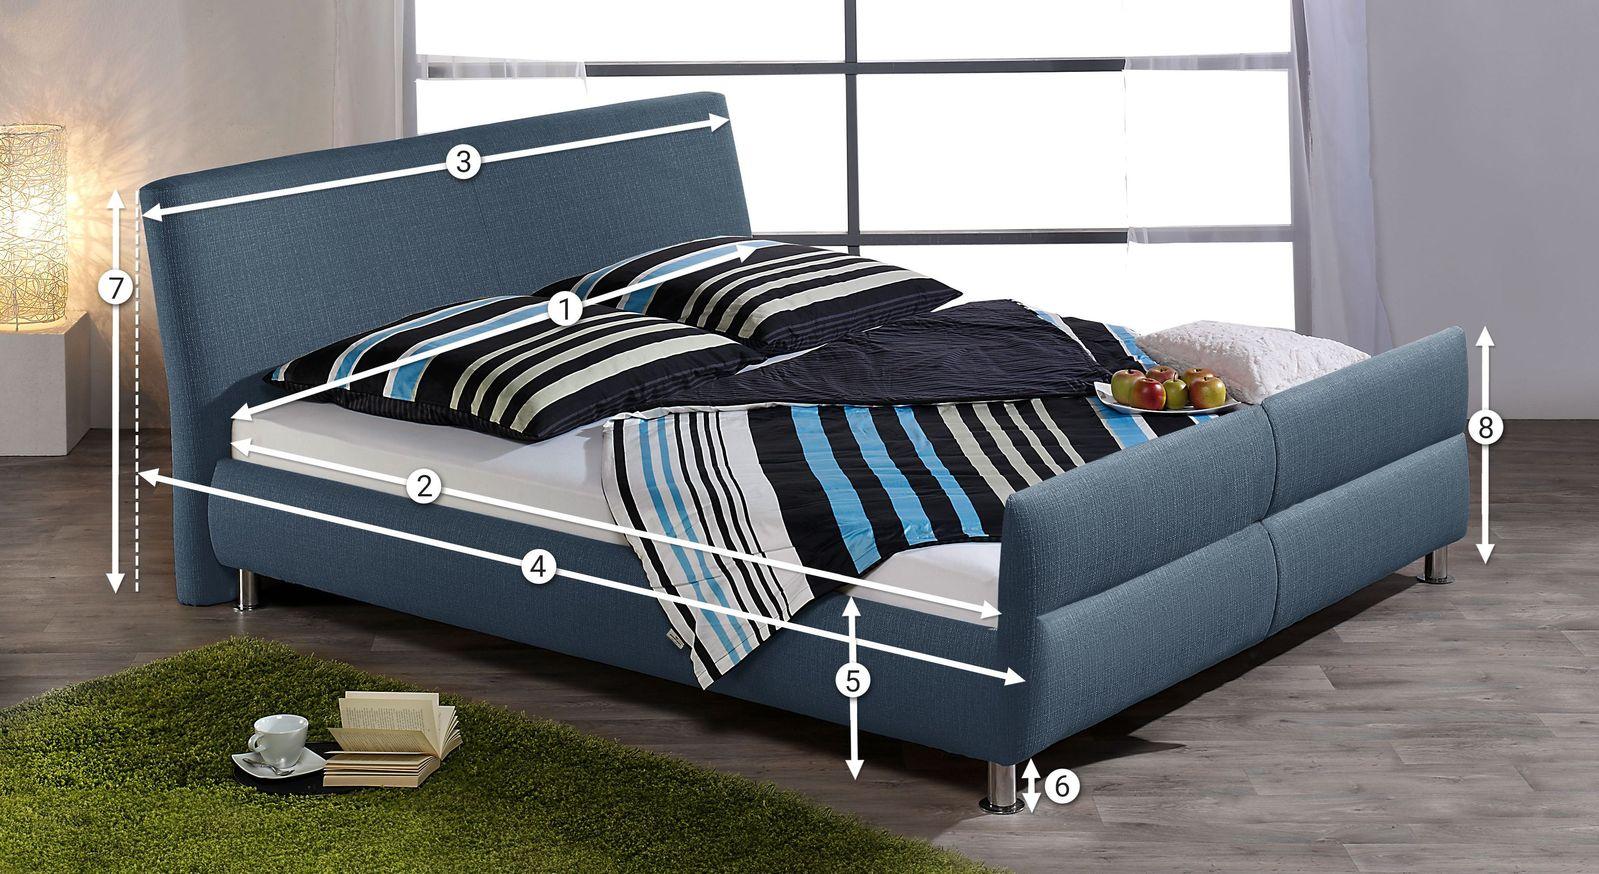 Maße bei Betten - Bettmaße richtig erklärt bei BETTEN.de